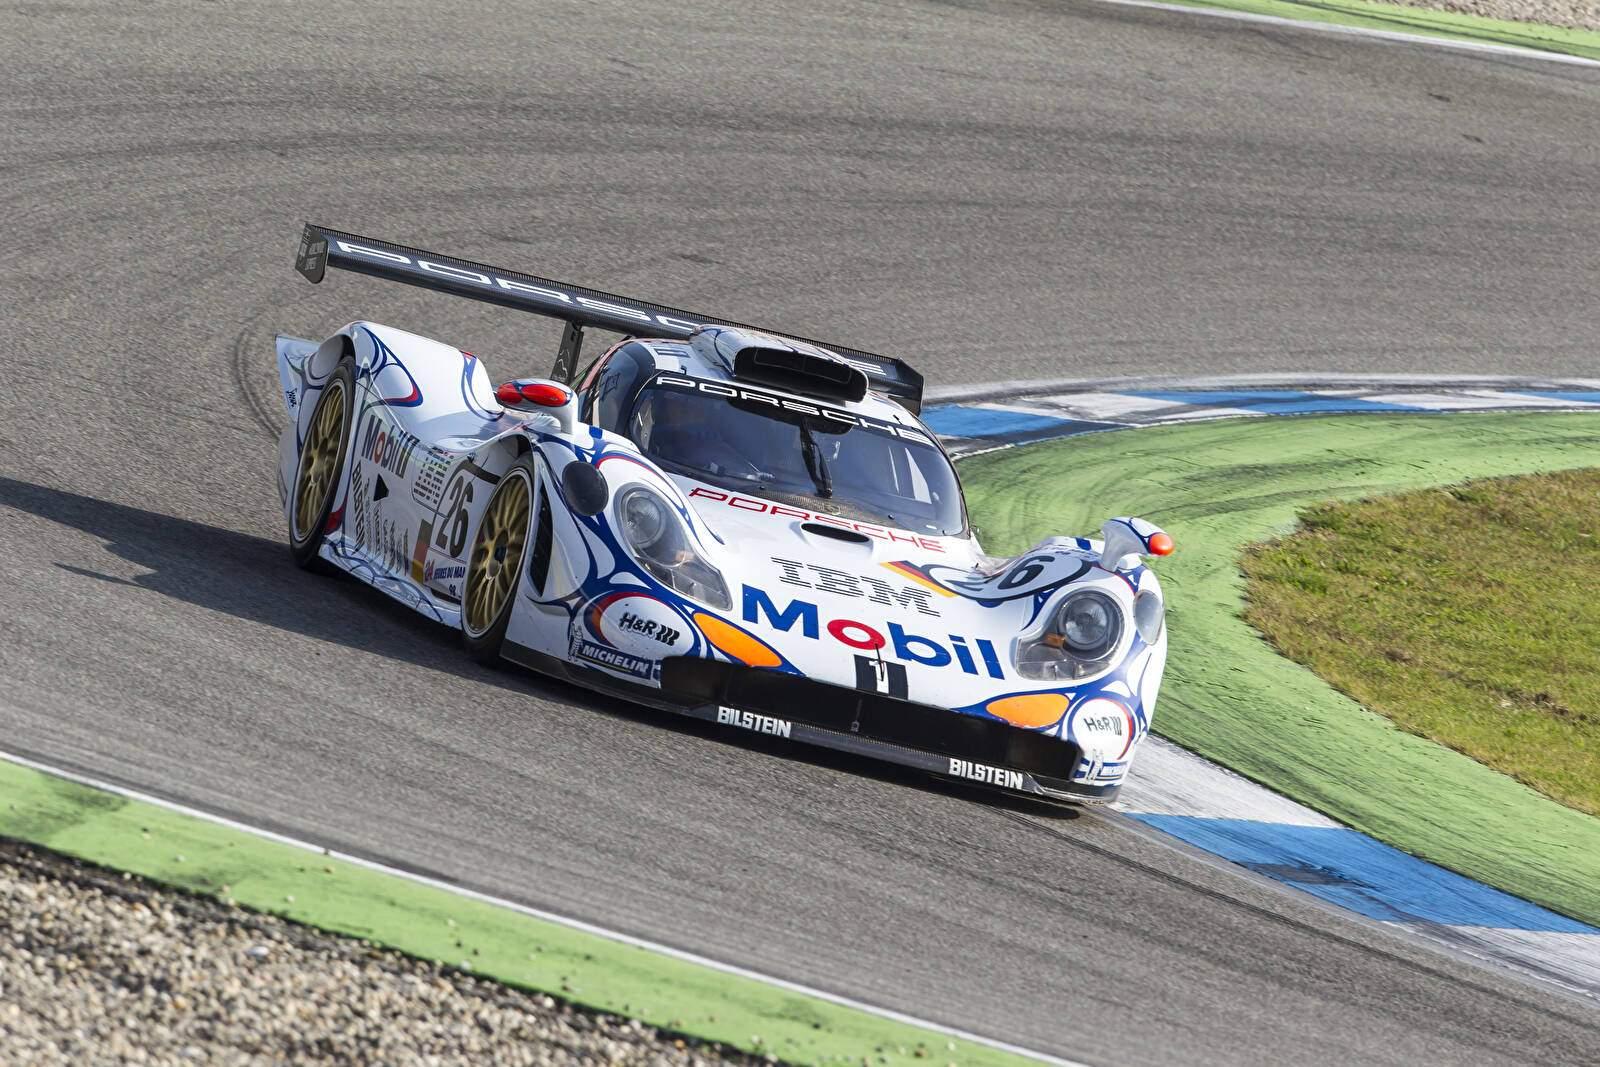 Porsche_911_GT1_98_1998-70163.jpg